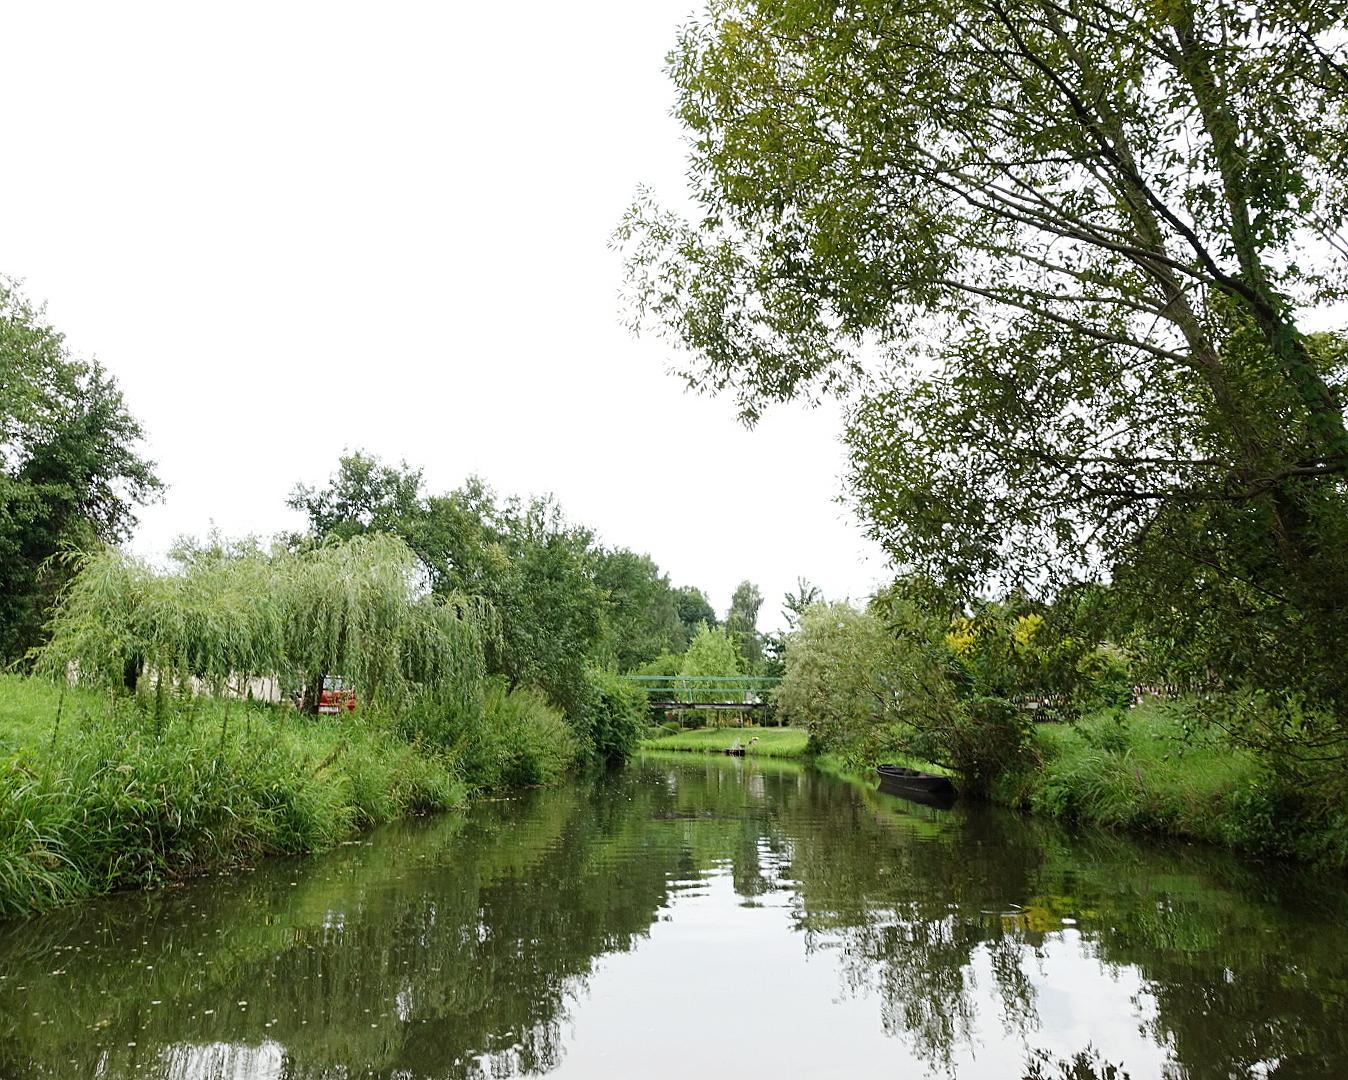 Kanal und Wiesen im Spreewald an einem verregneten Sommertag